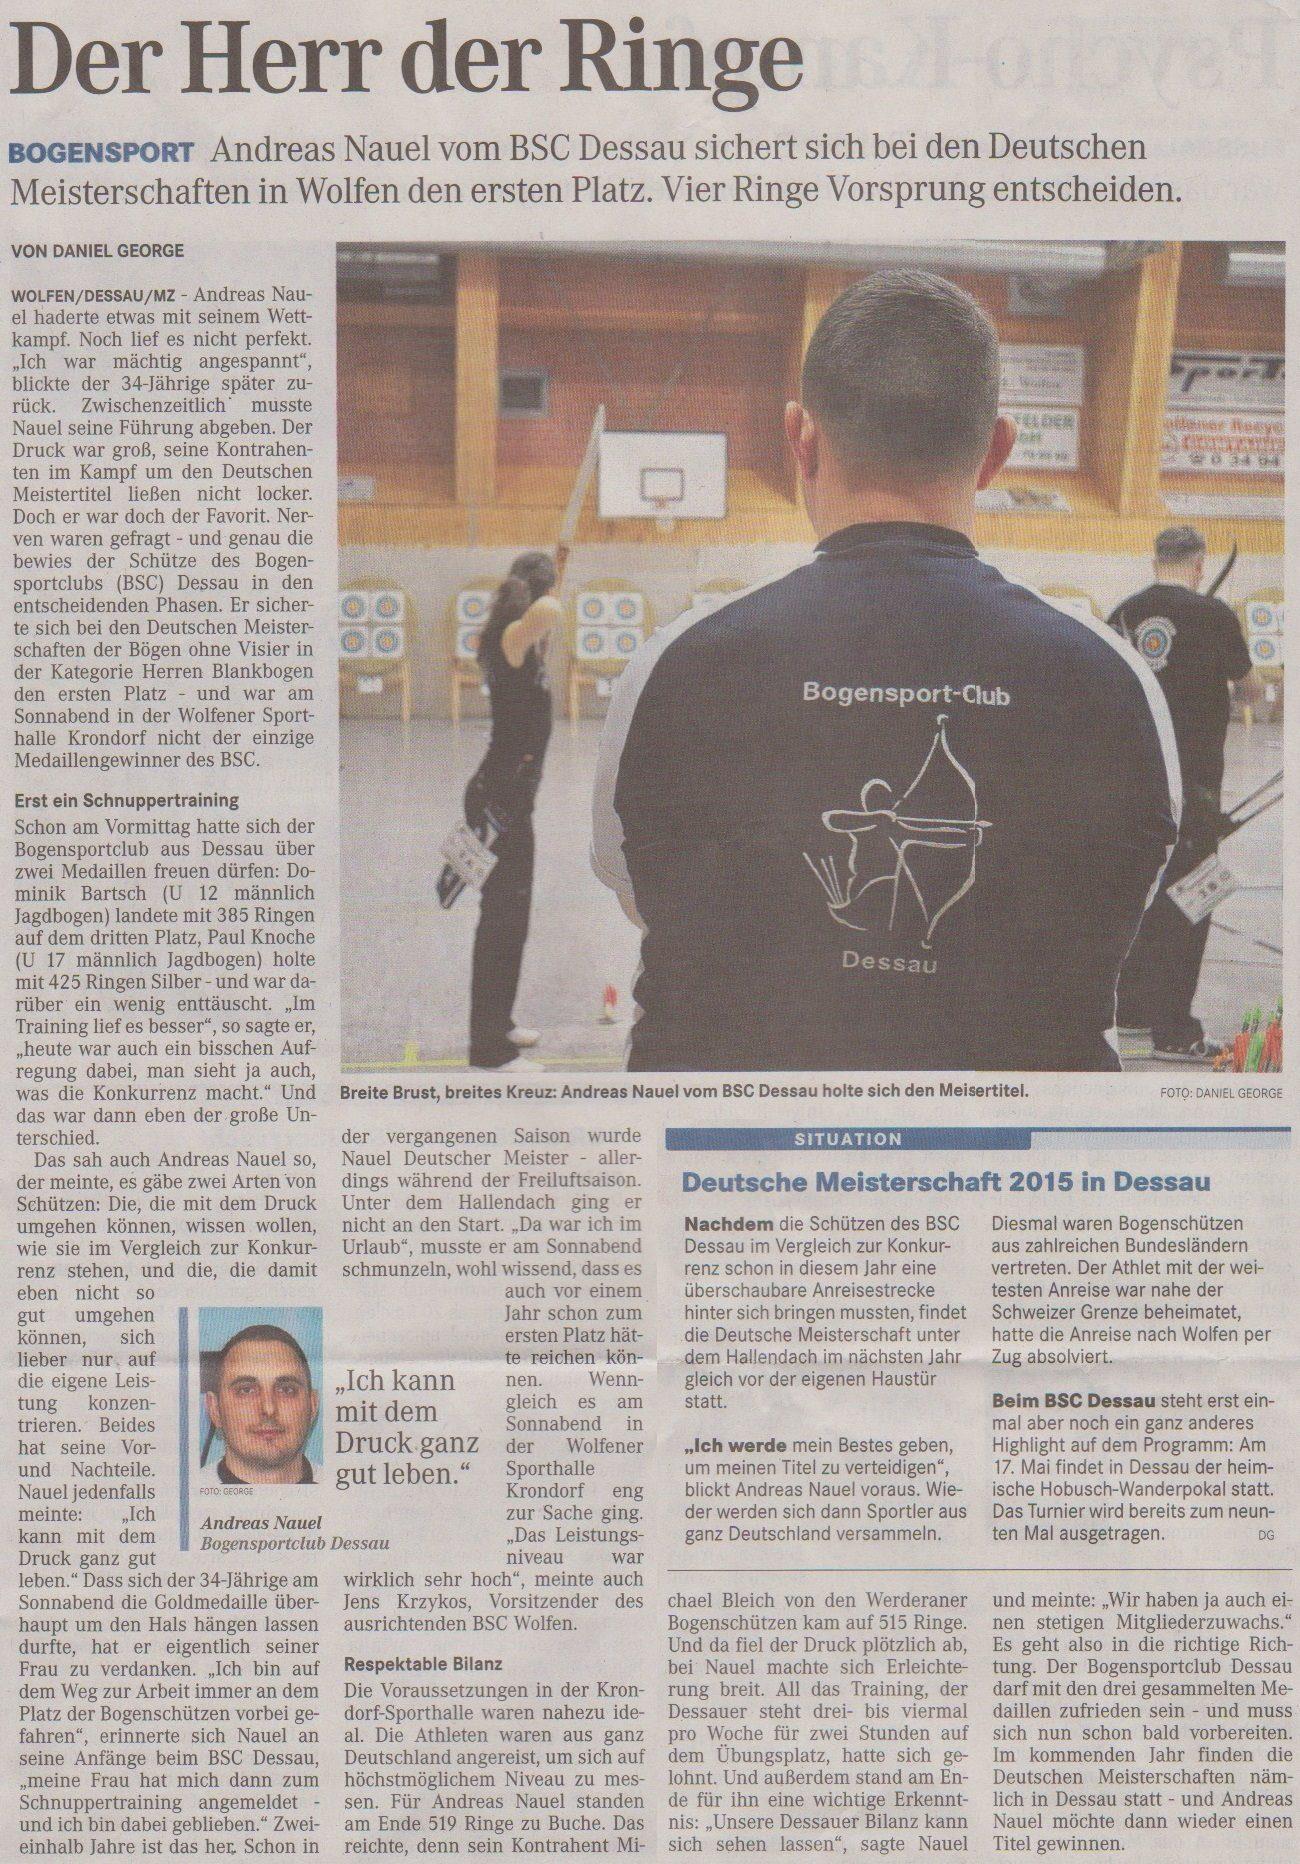 DM Halle Bögen ohne Visier – Mitteldeutsche Zeitung vom 25.03.2014